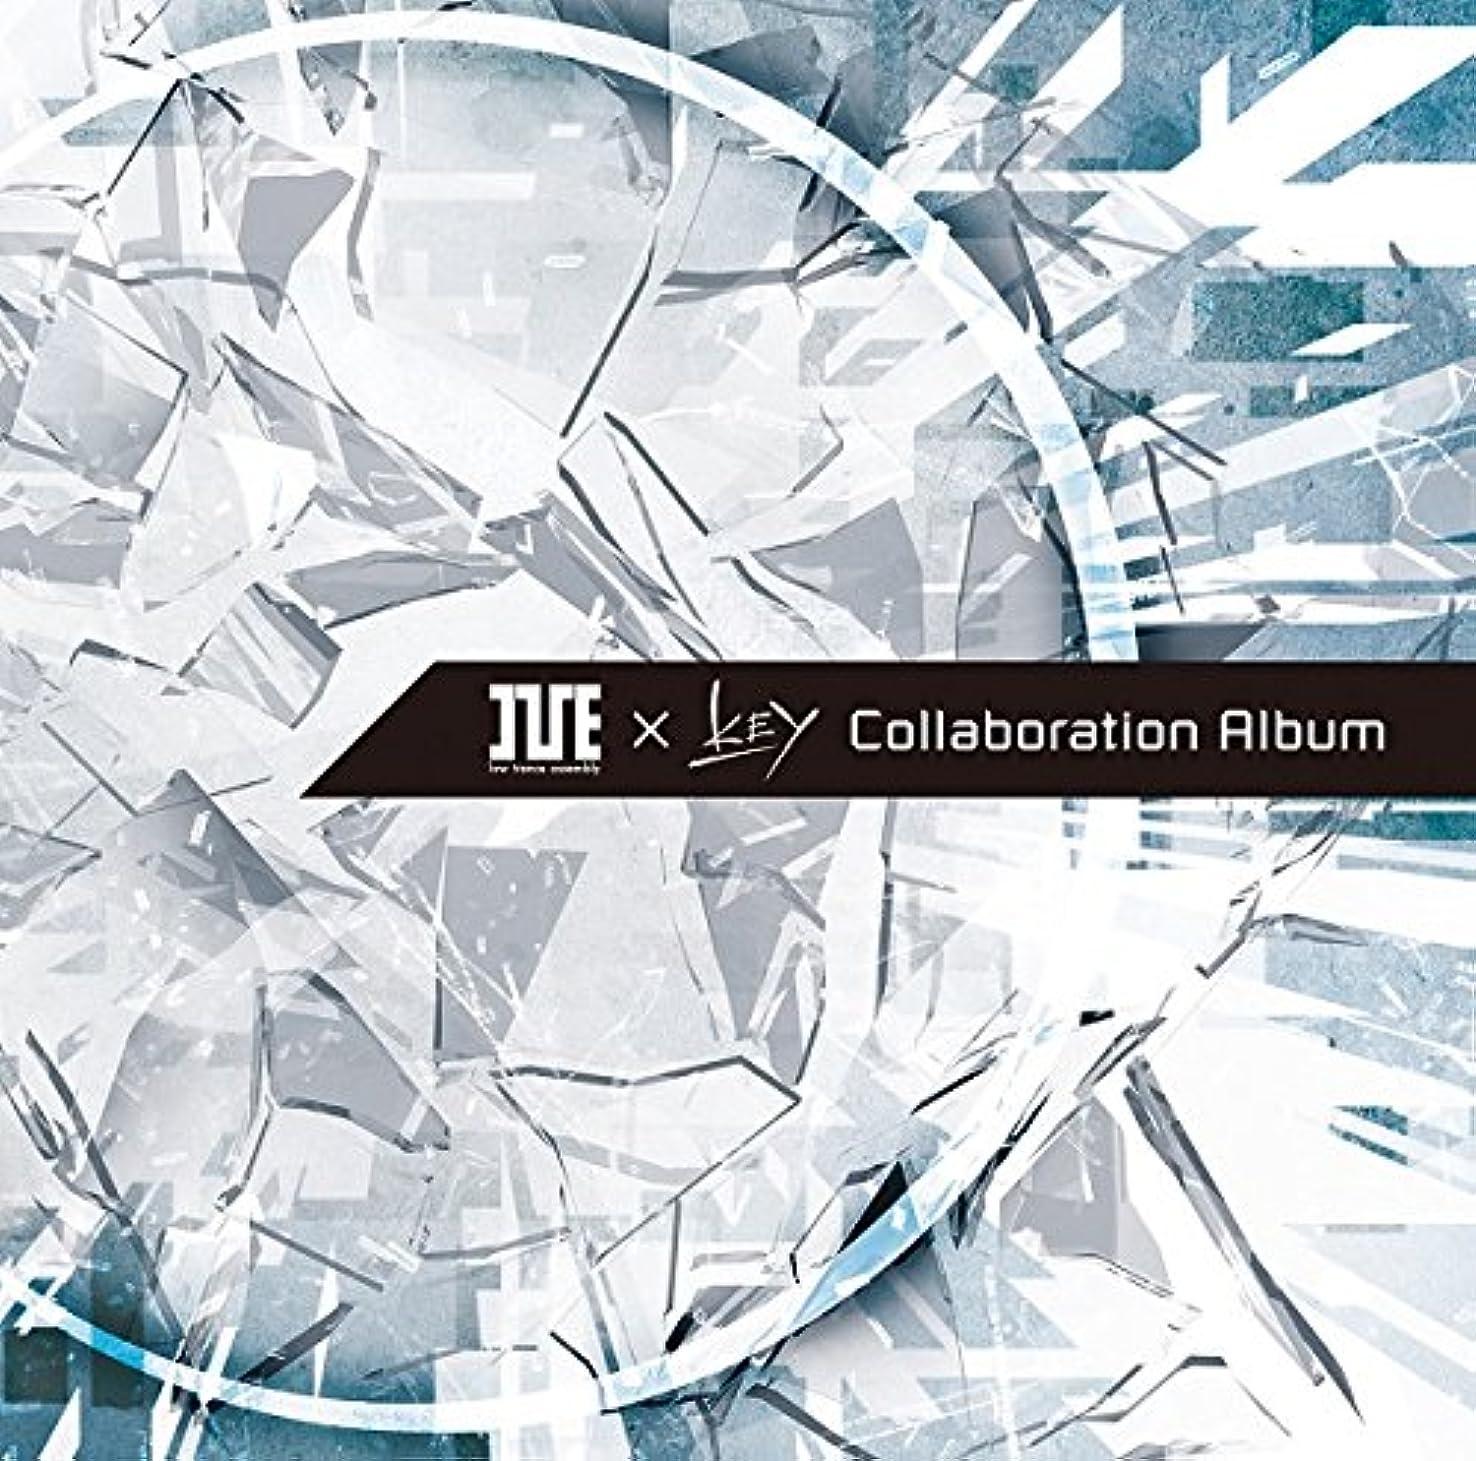 添加剤パトロール排気I've × Key Collaboration Album